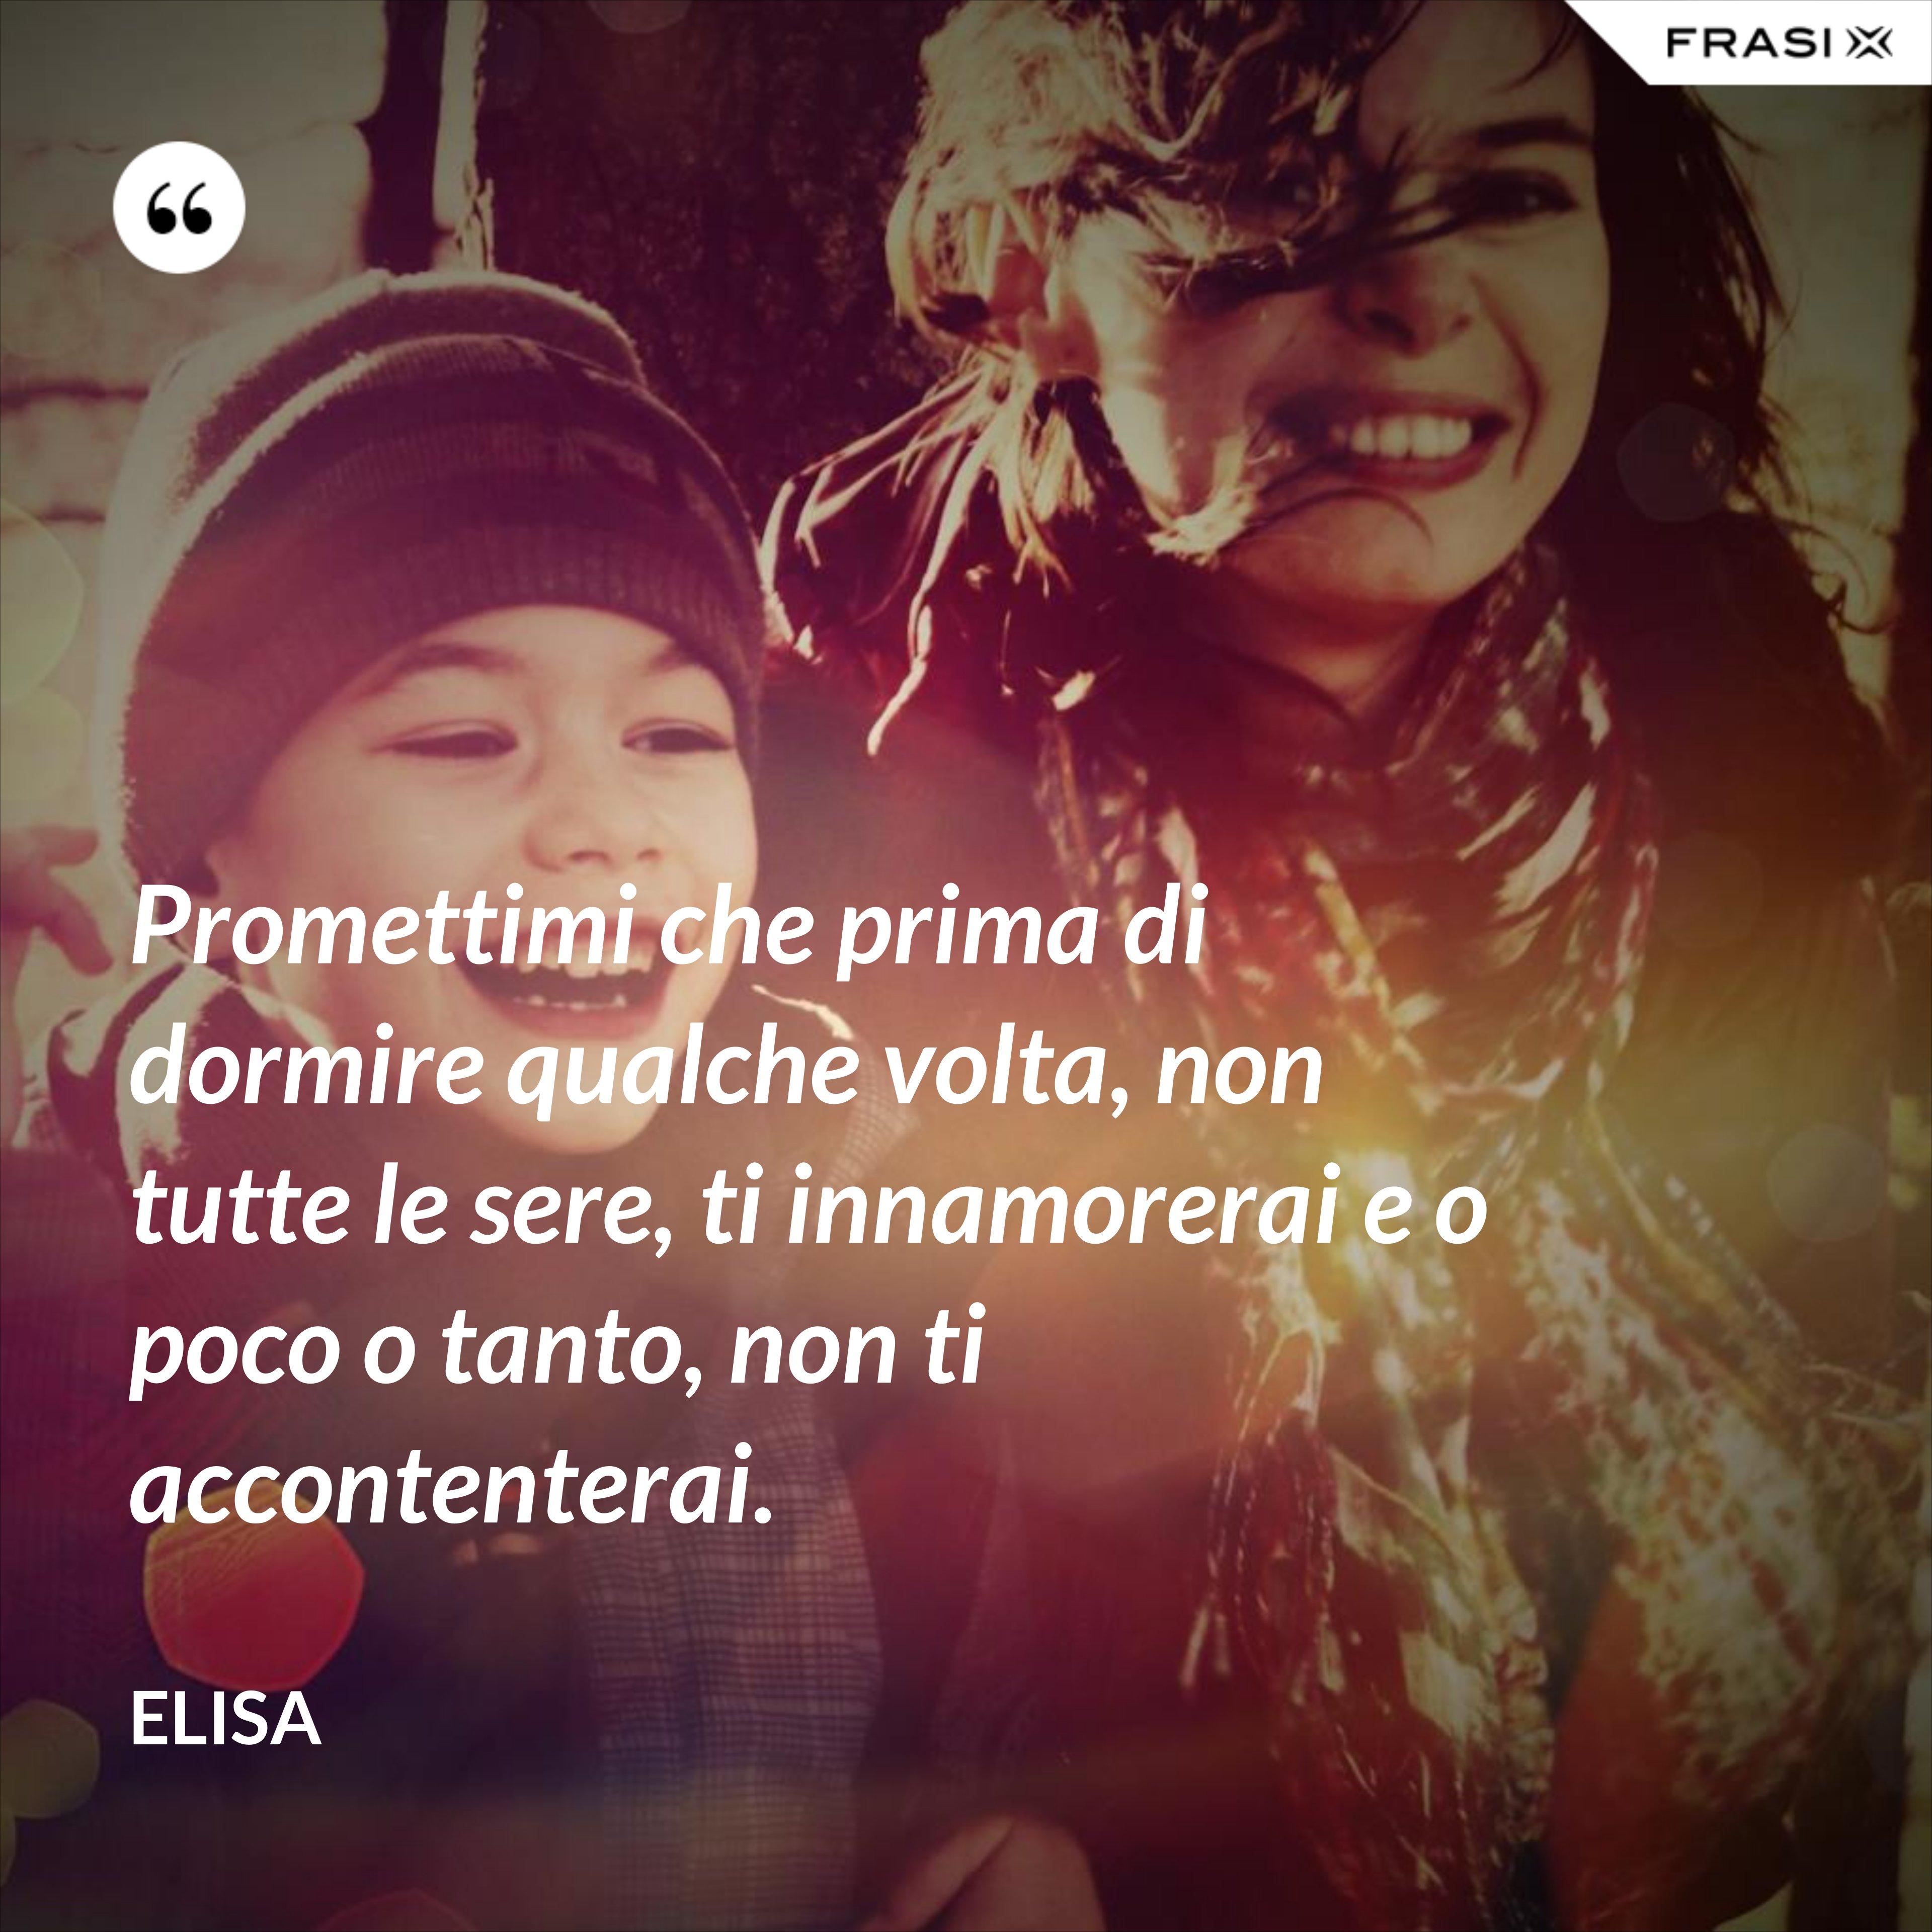 Promettimi che prima di dormire qualche volta, non tutte le sere, ti innamorerai e o poco o tanto, non ti accontenterai. - Elisa